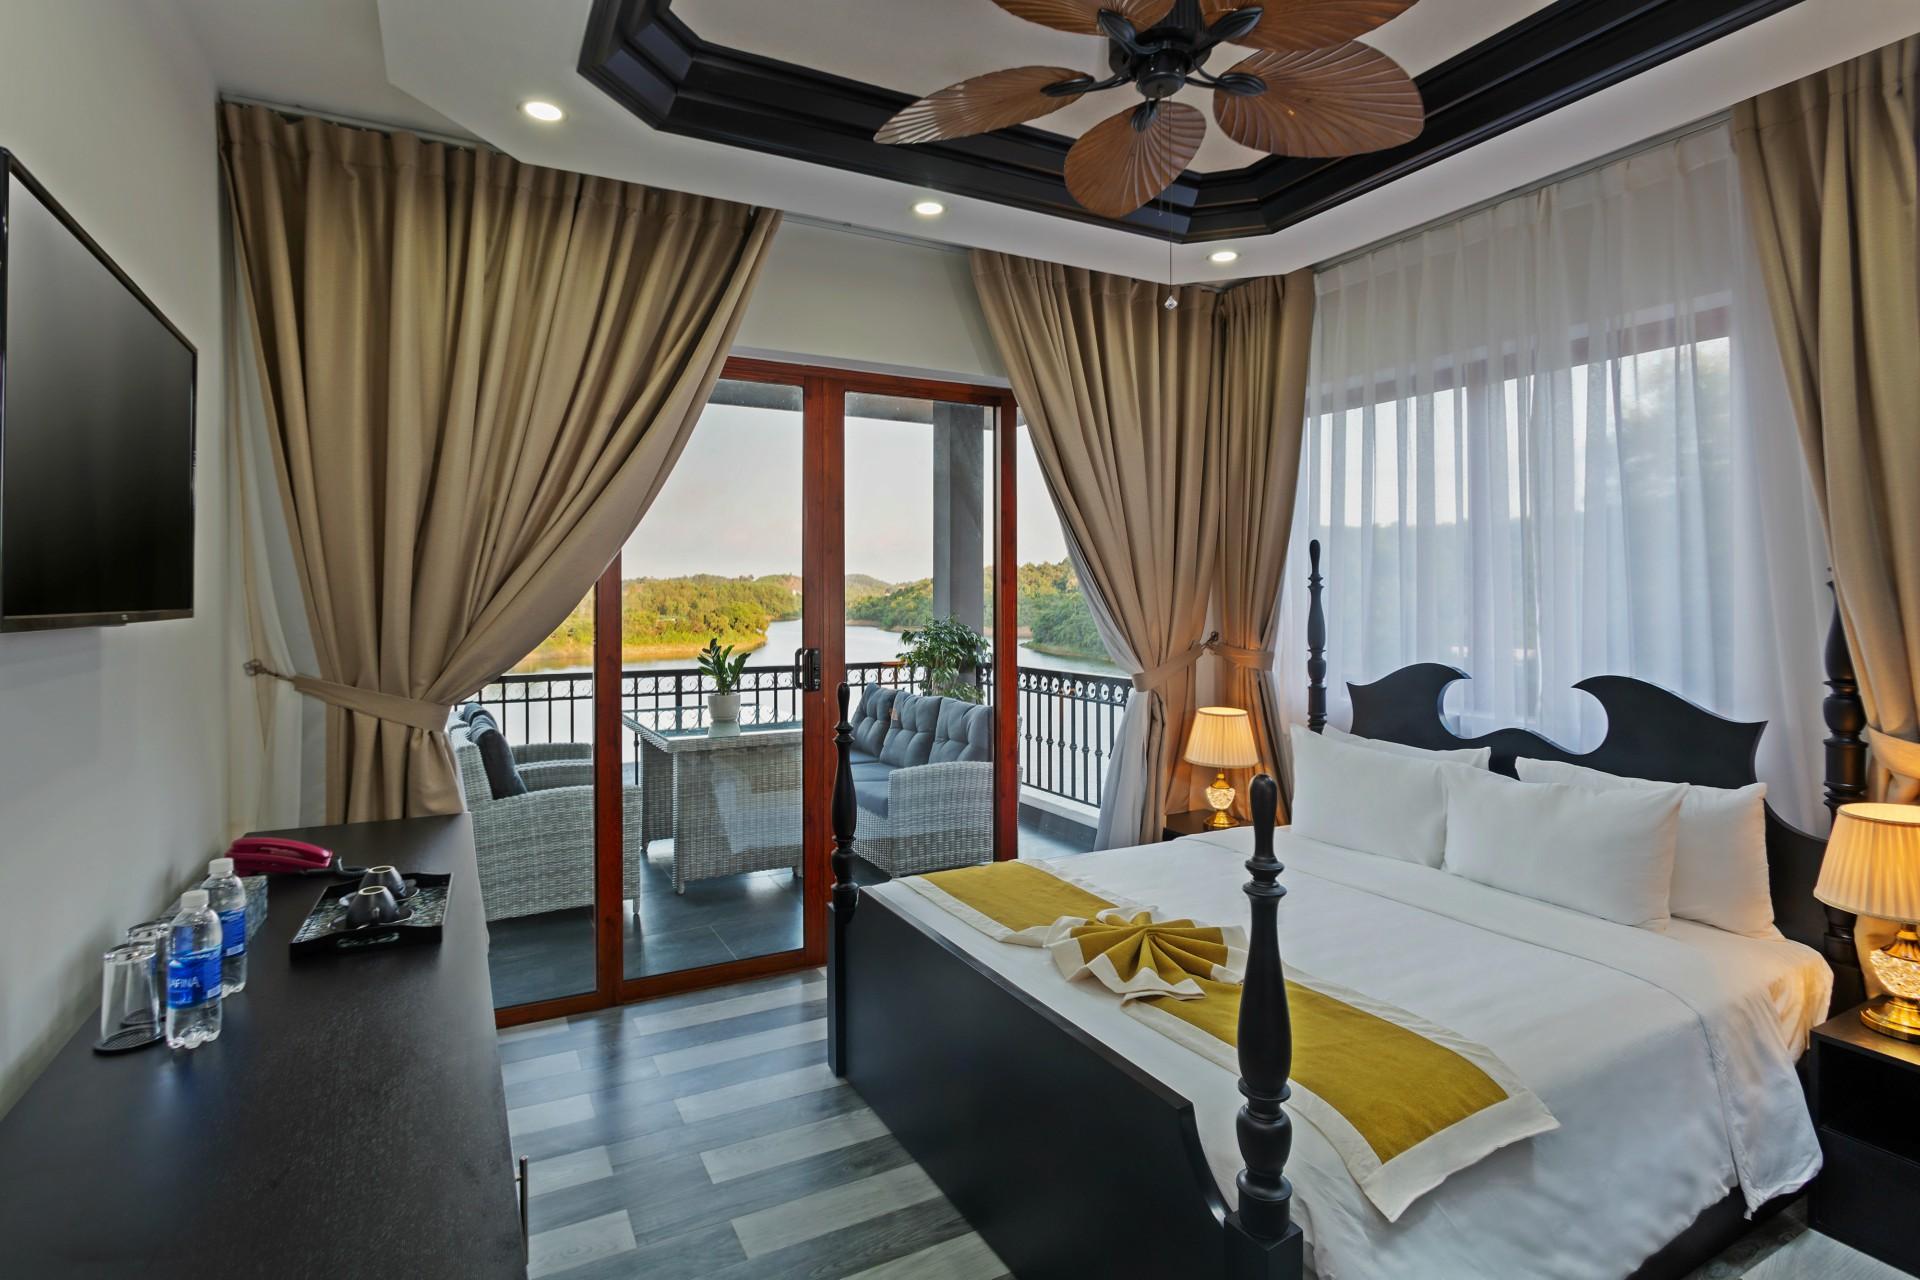 ApartmentMain